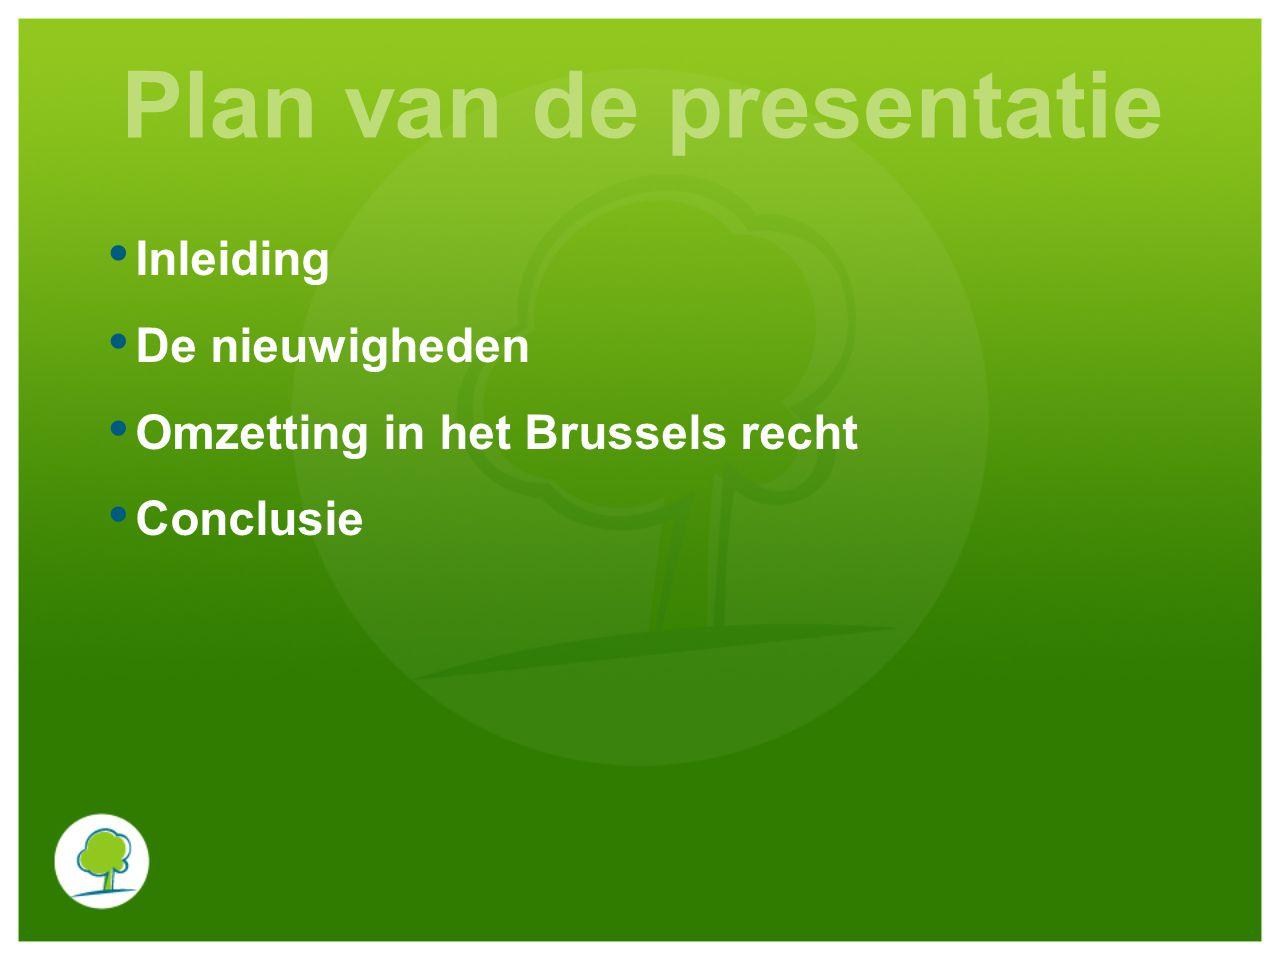 Plan van de presentatie Inleiding De nieuwigheden Omzetting in het Brussels recht Conclusie